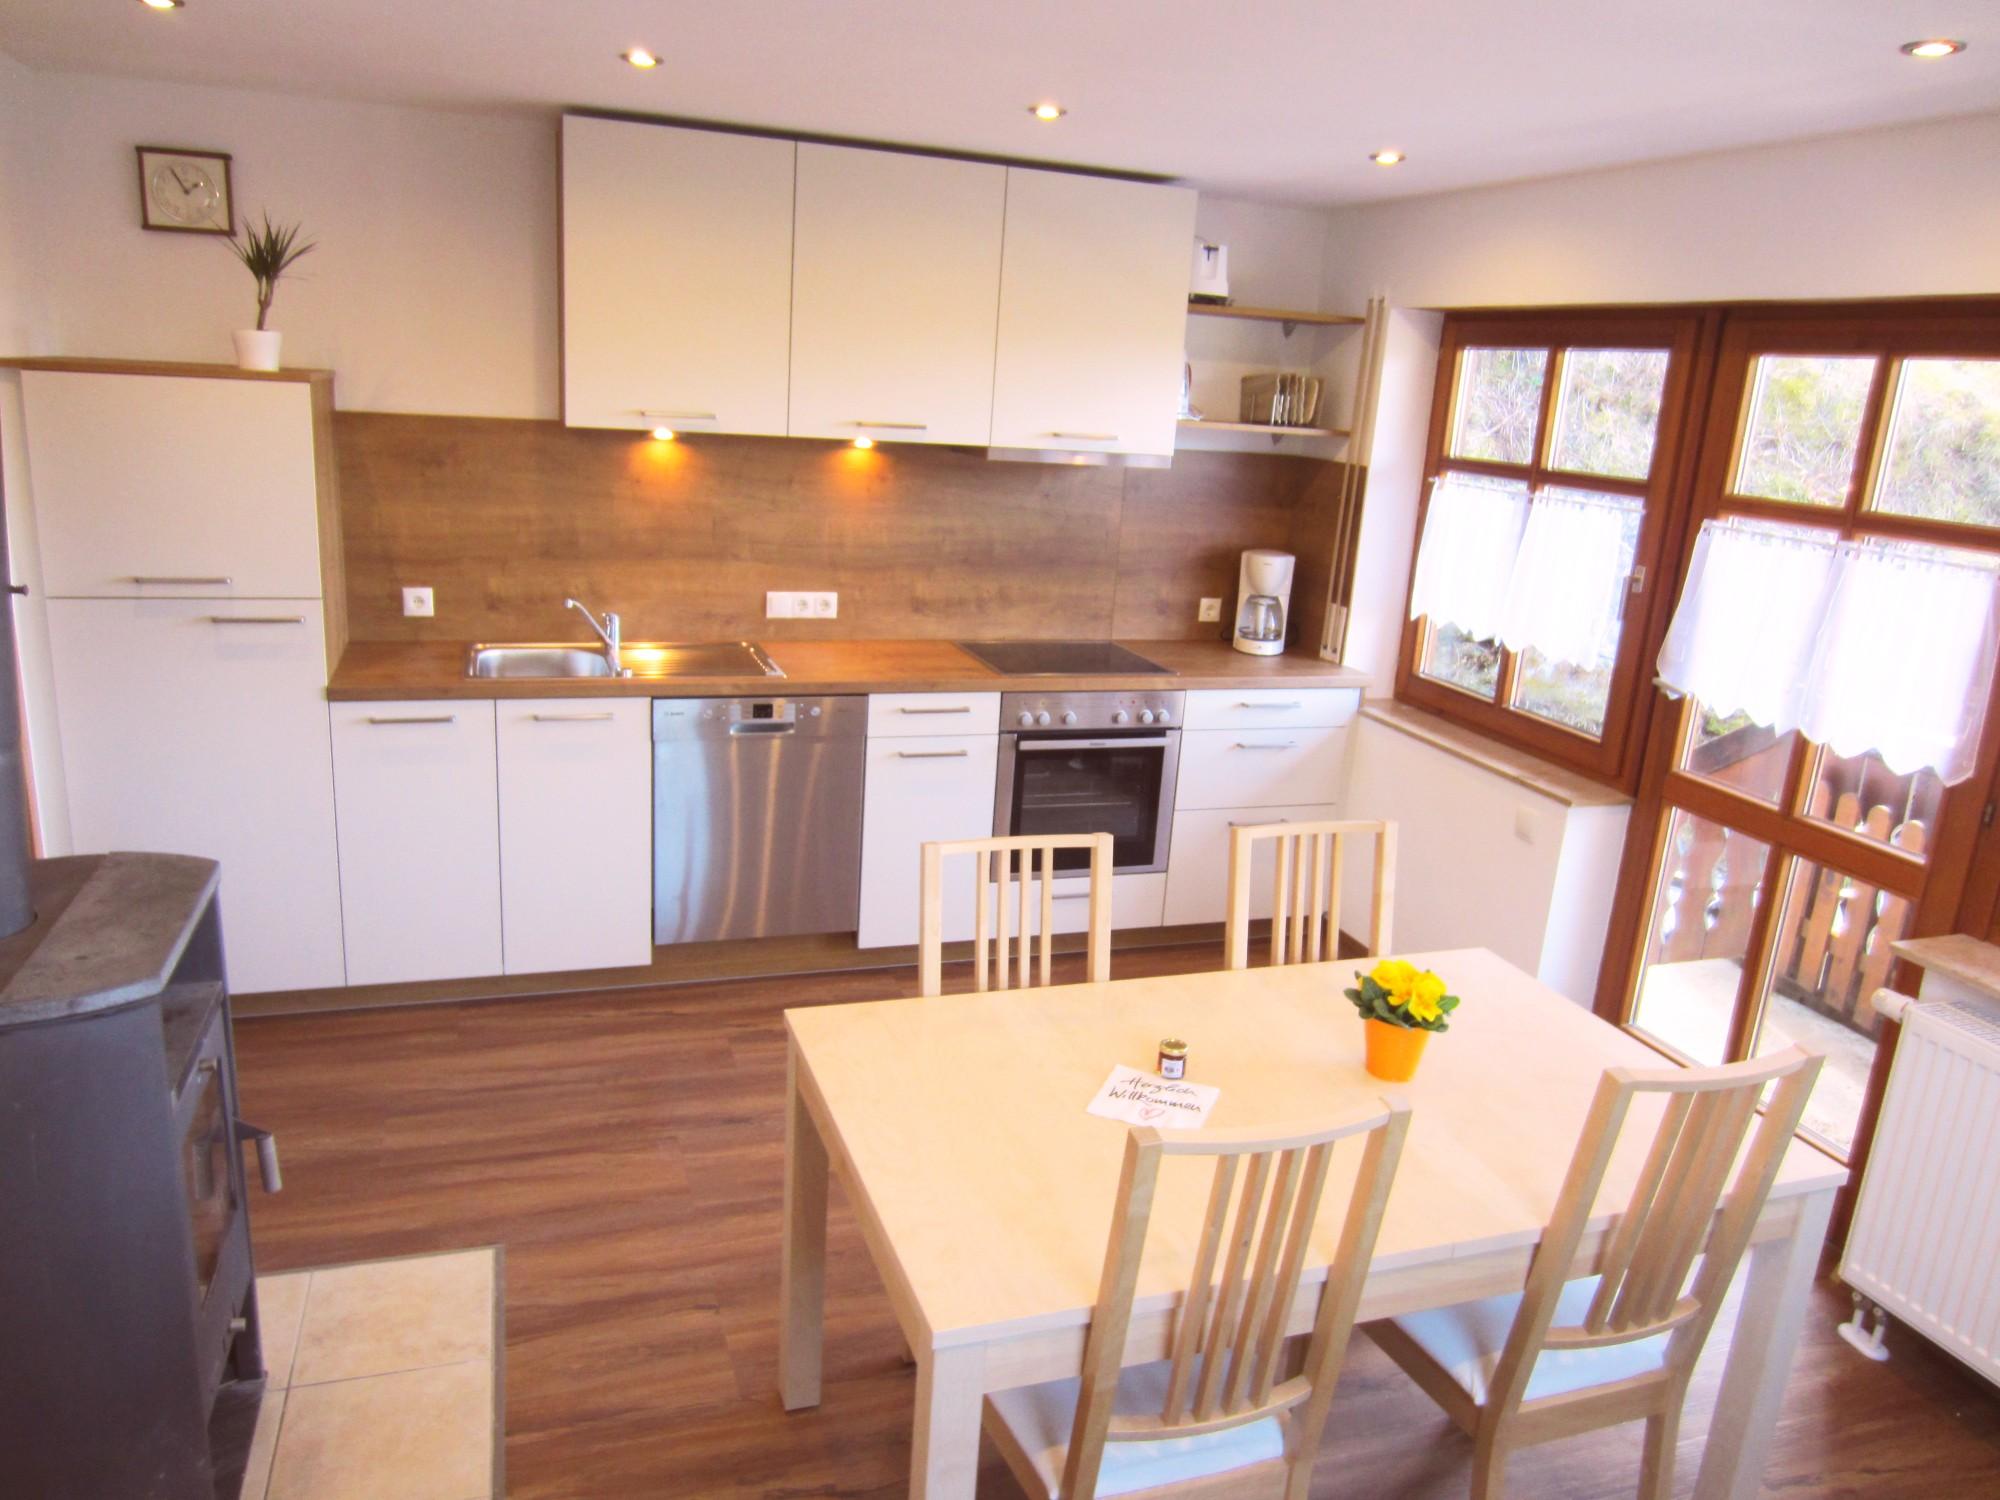 Wir renovieren, die Wohnküche ist fertig